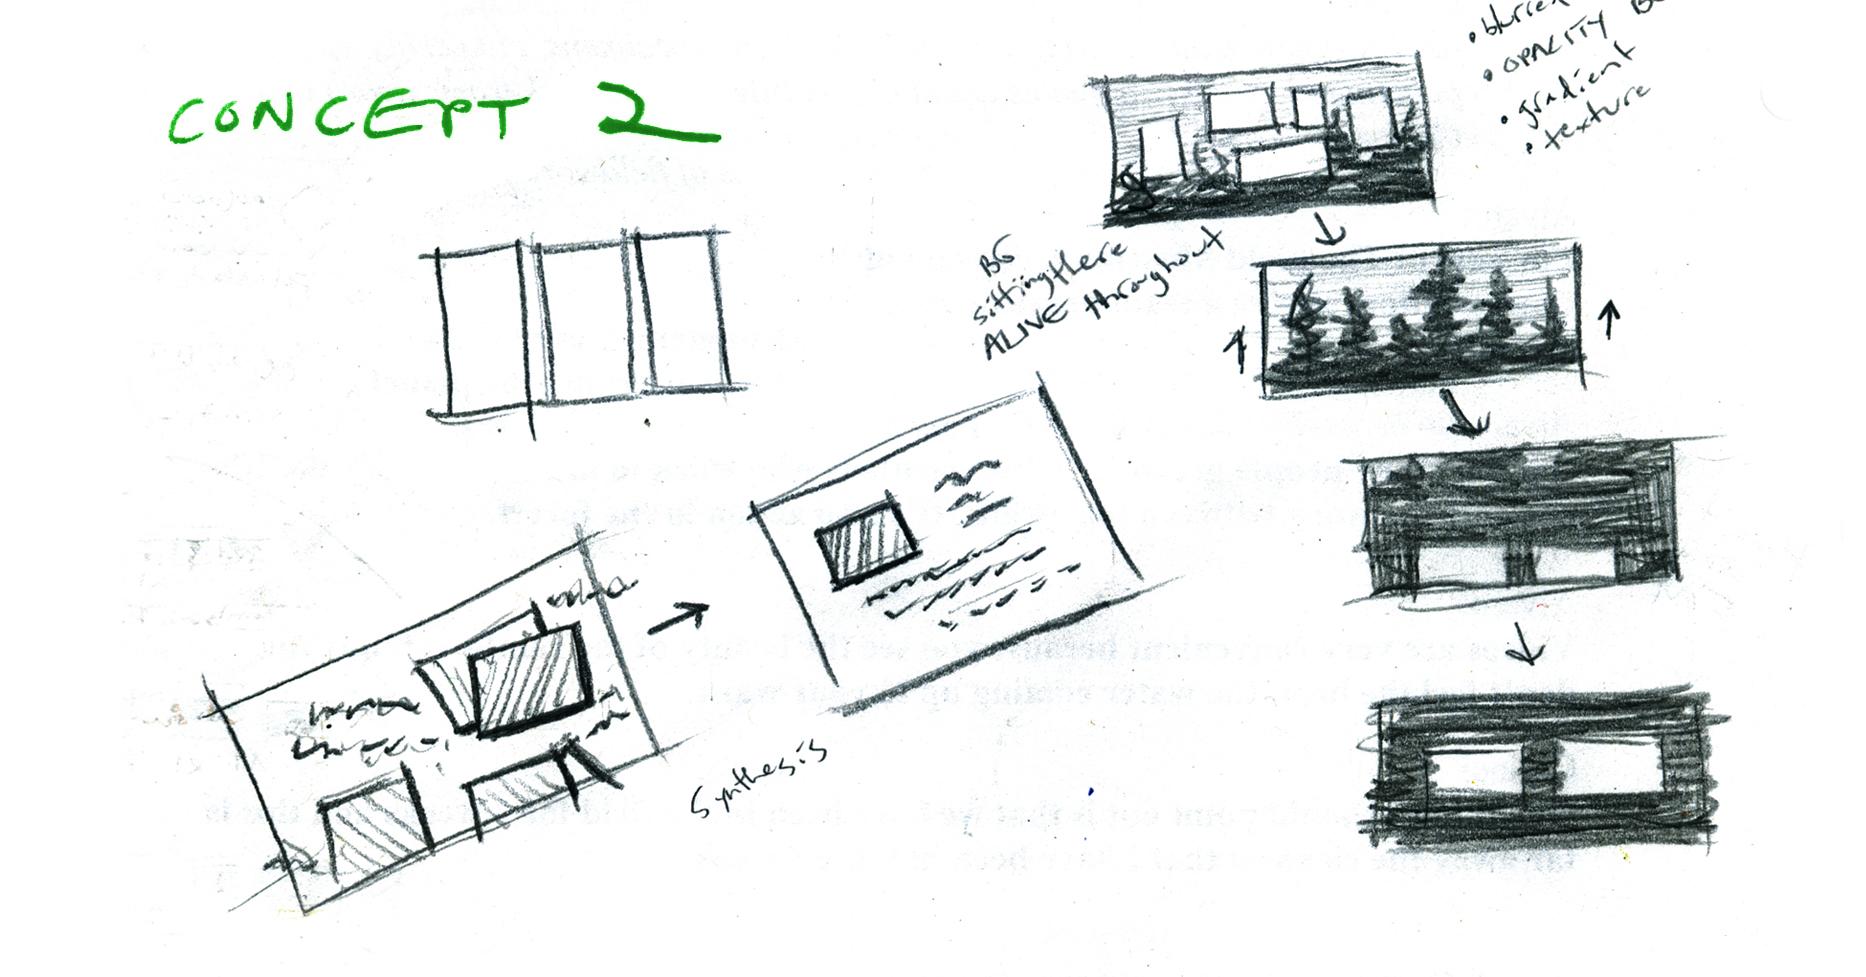 RItheater_conceptSketches2.jpg